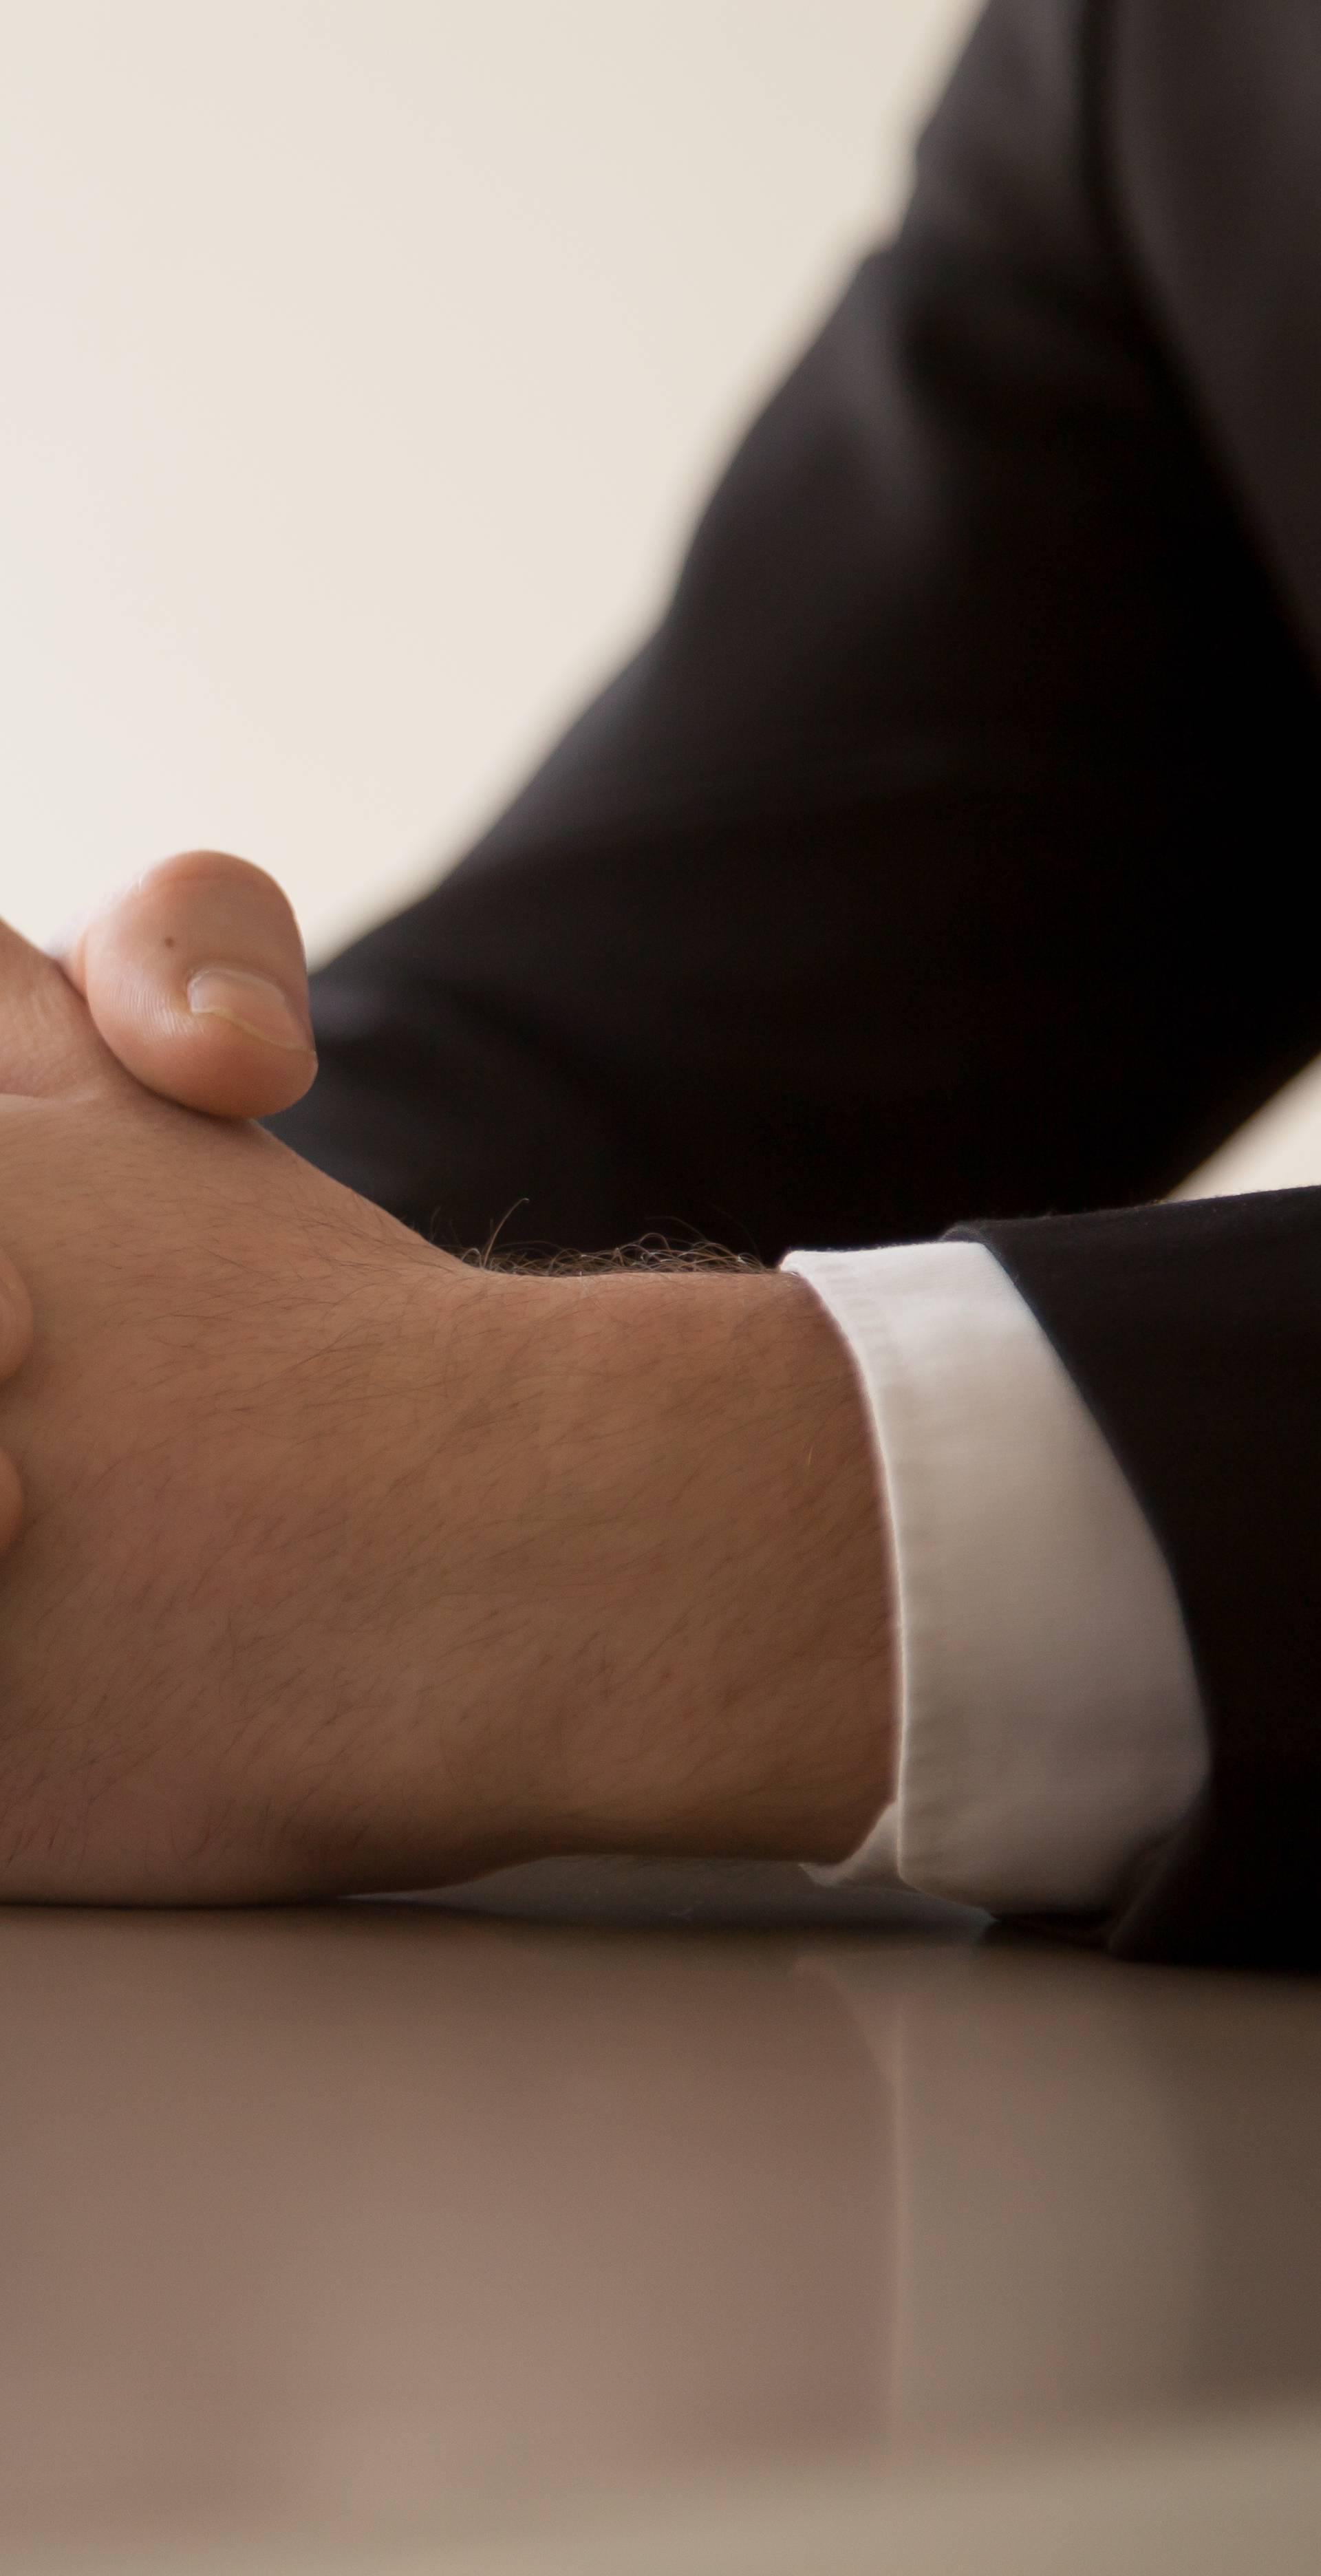 Testirajte se: Položaj prstiju će otkriti kakva ste zapravo osoba